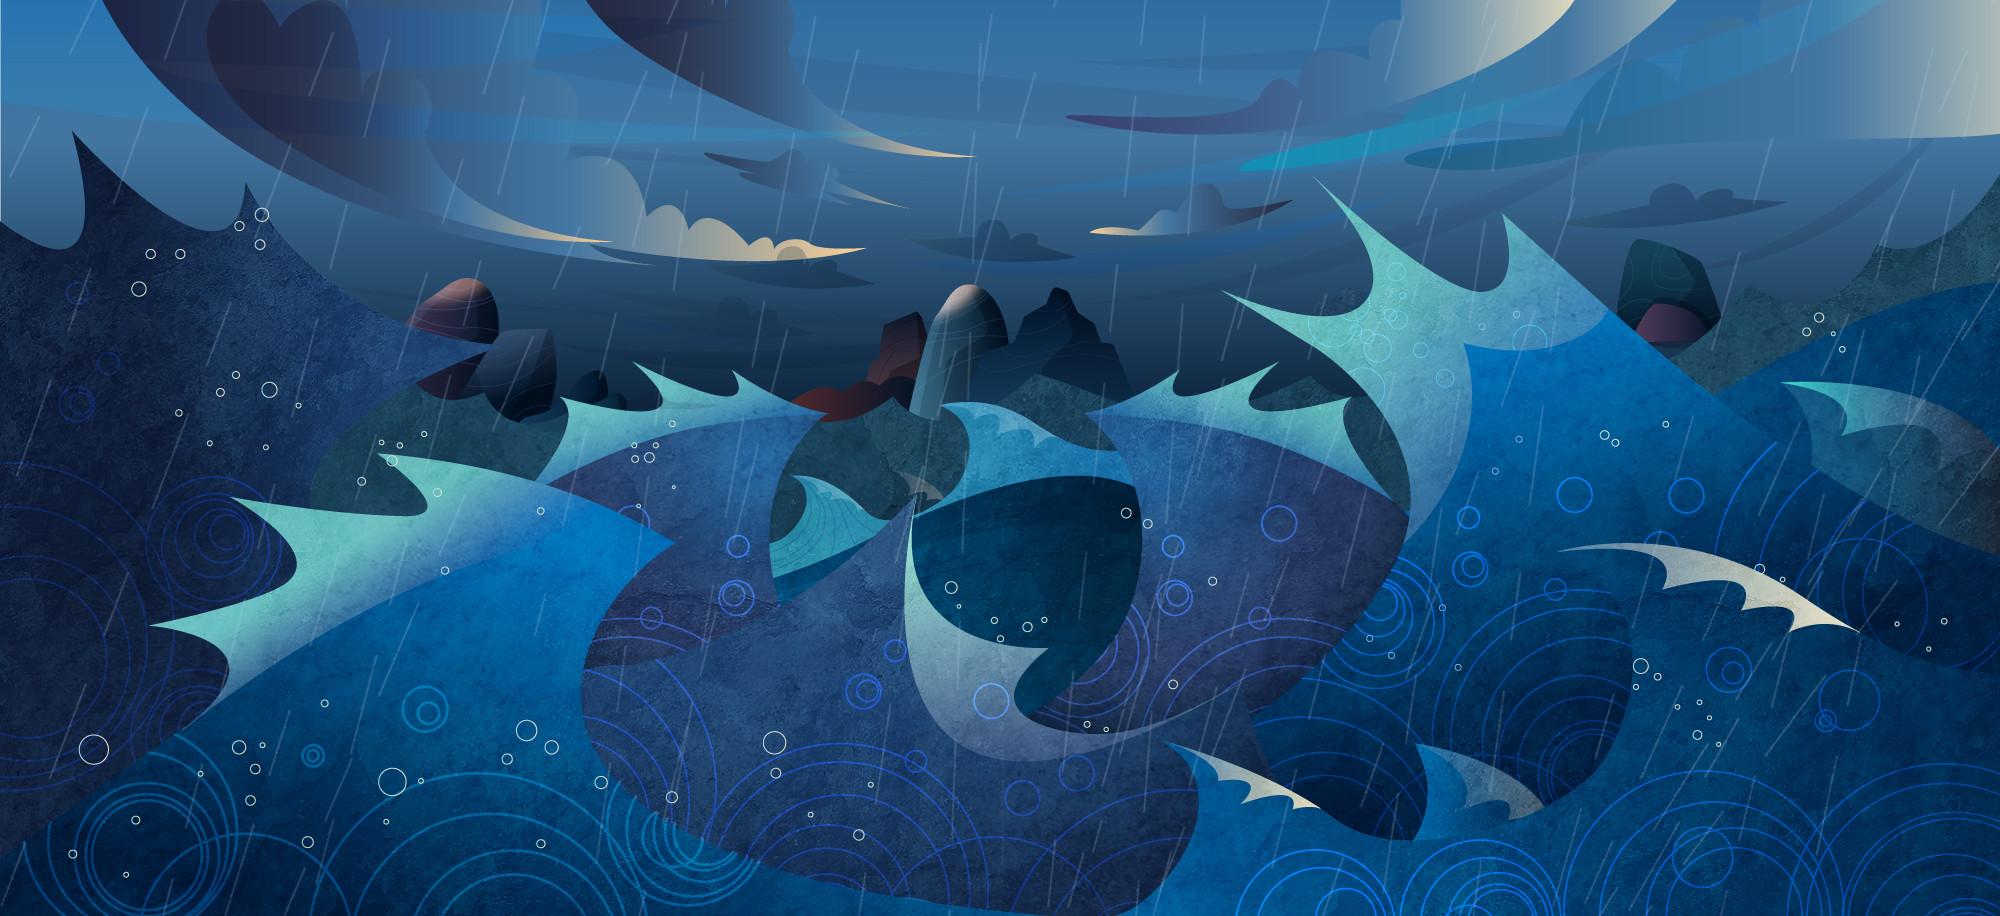 Sea concept